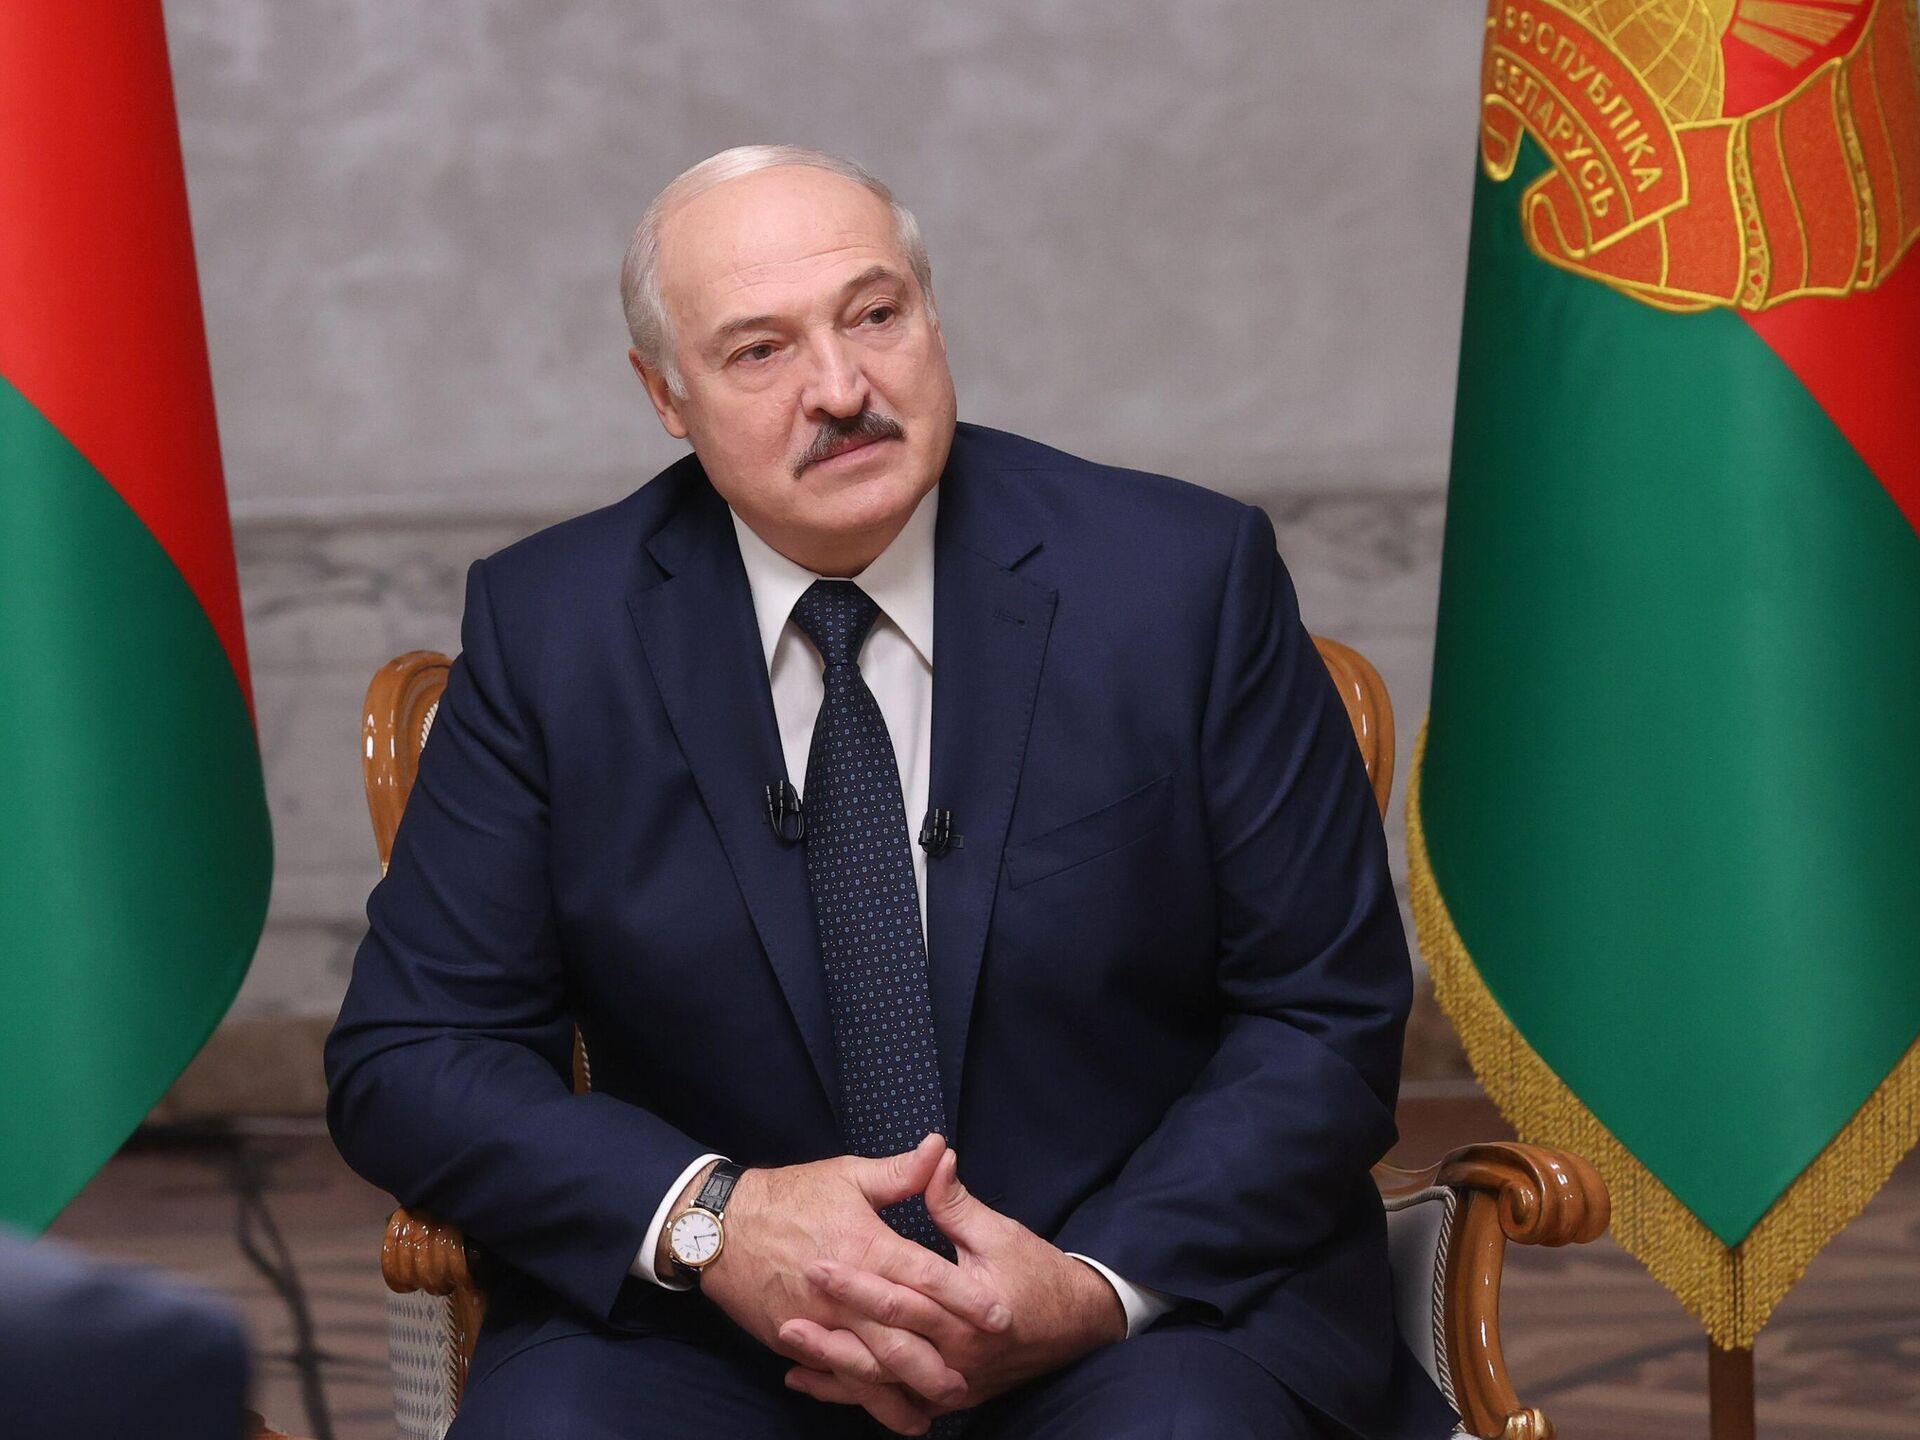 Литва будет прирастать новым городом, который станет седьмым по числу населения. Спасибо Лукашенко